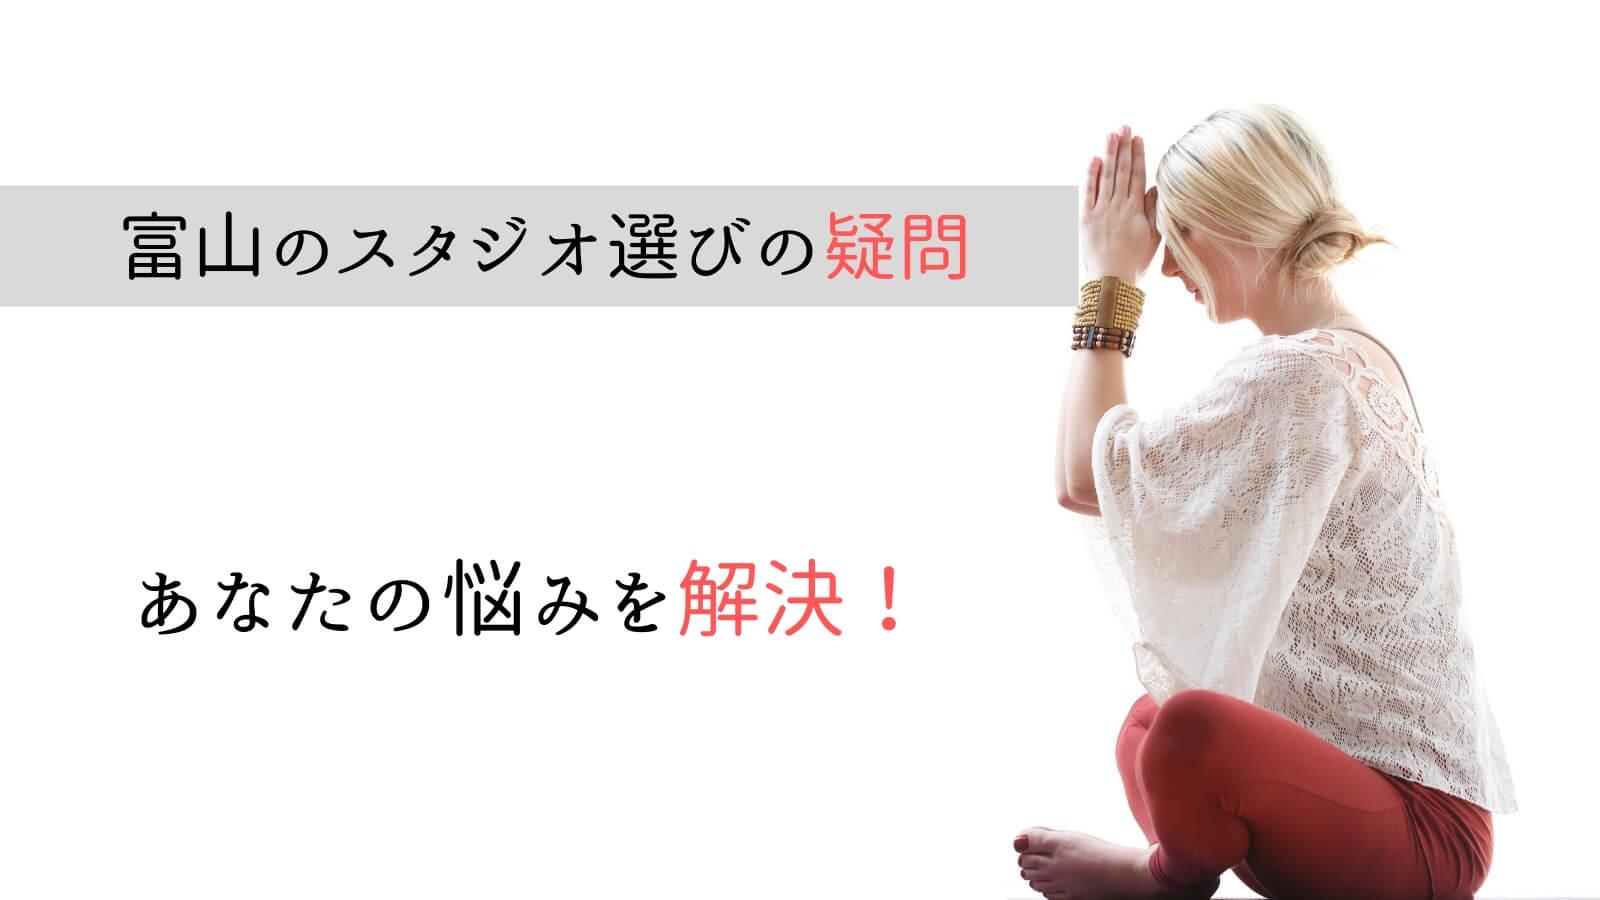 【まとめ】富山でおすすめのヨガ・ホットヨガスタジオ10選